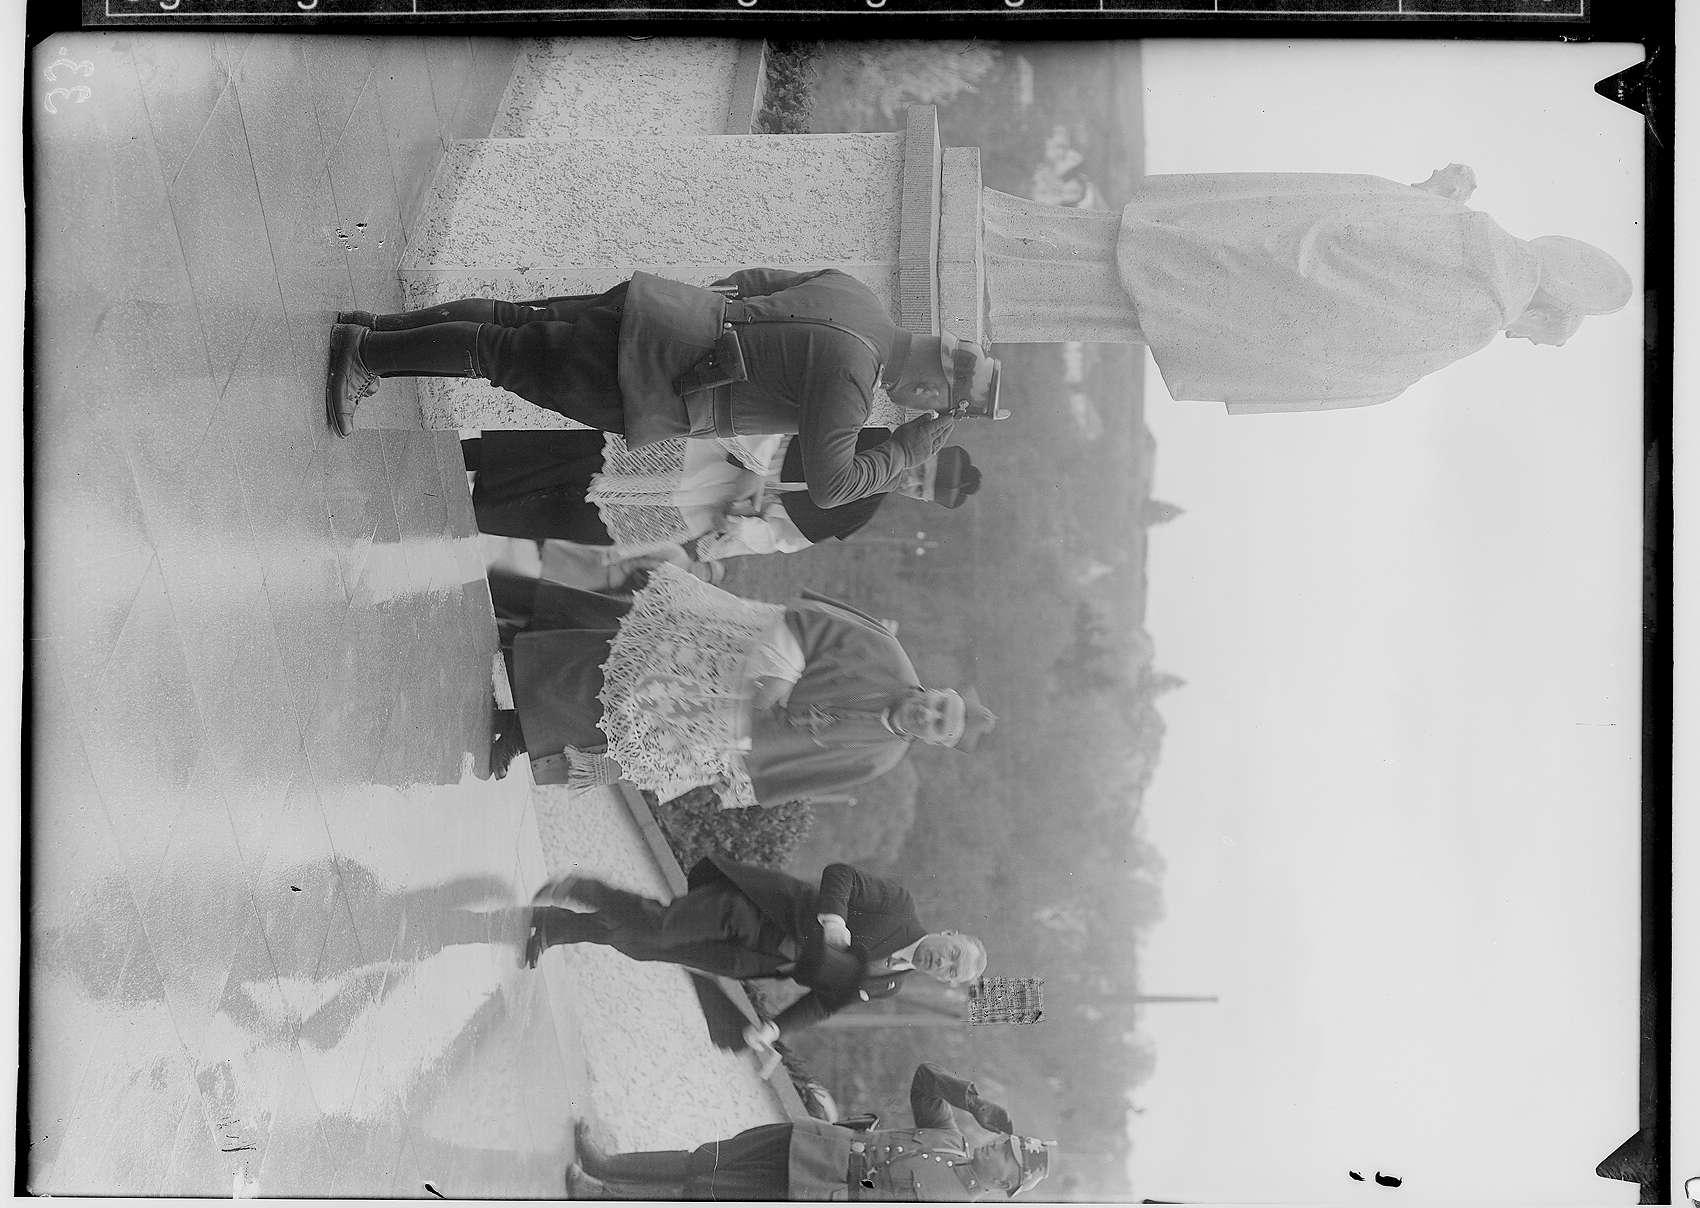 Einweihung des Erzbischöflichen Studienheims St. Fidelis; Erzbischof Conrad Gröber und Fürst Friedrich von Hohenzollern beim Treppenaufgang, zwei Polizisten grüßend, Bild 1